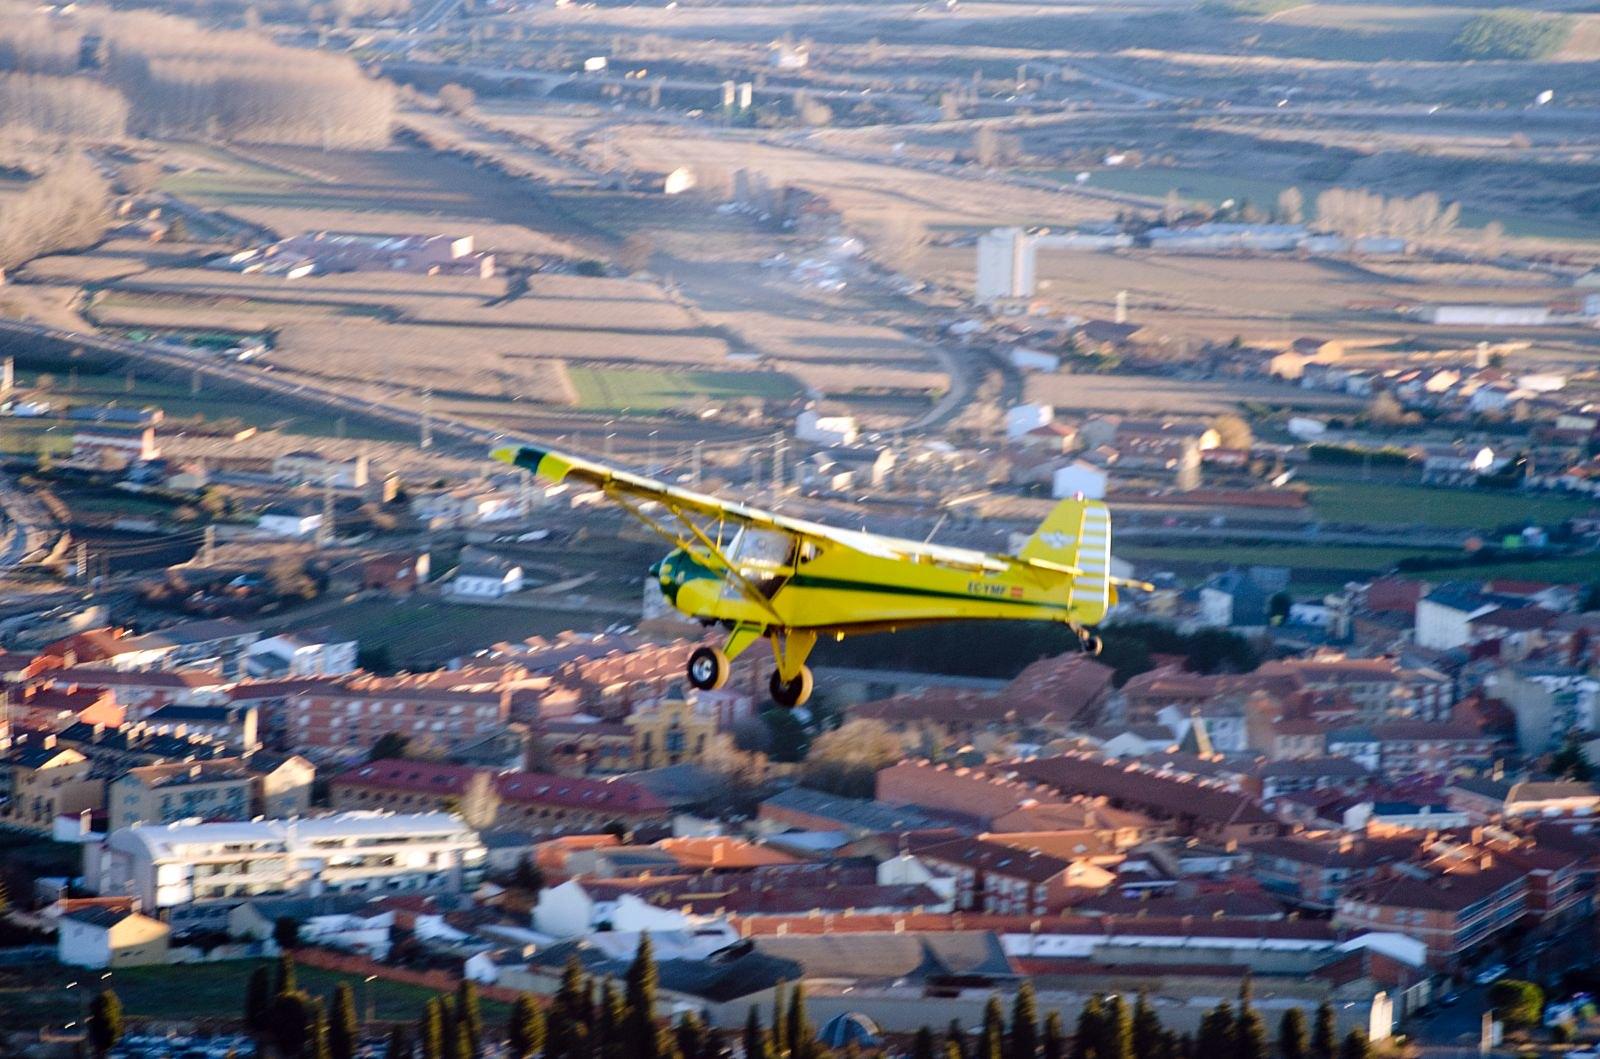 Vuelo Roberto Jabiru UL-450 Aerodromo Kitfox vuelo Astorga (120)